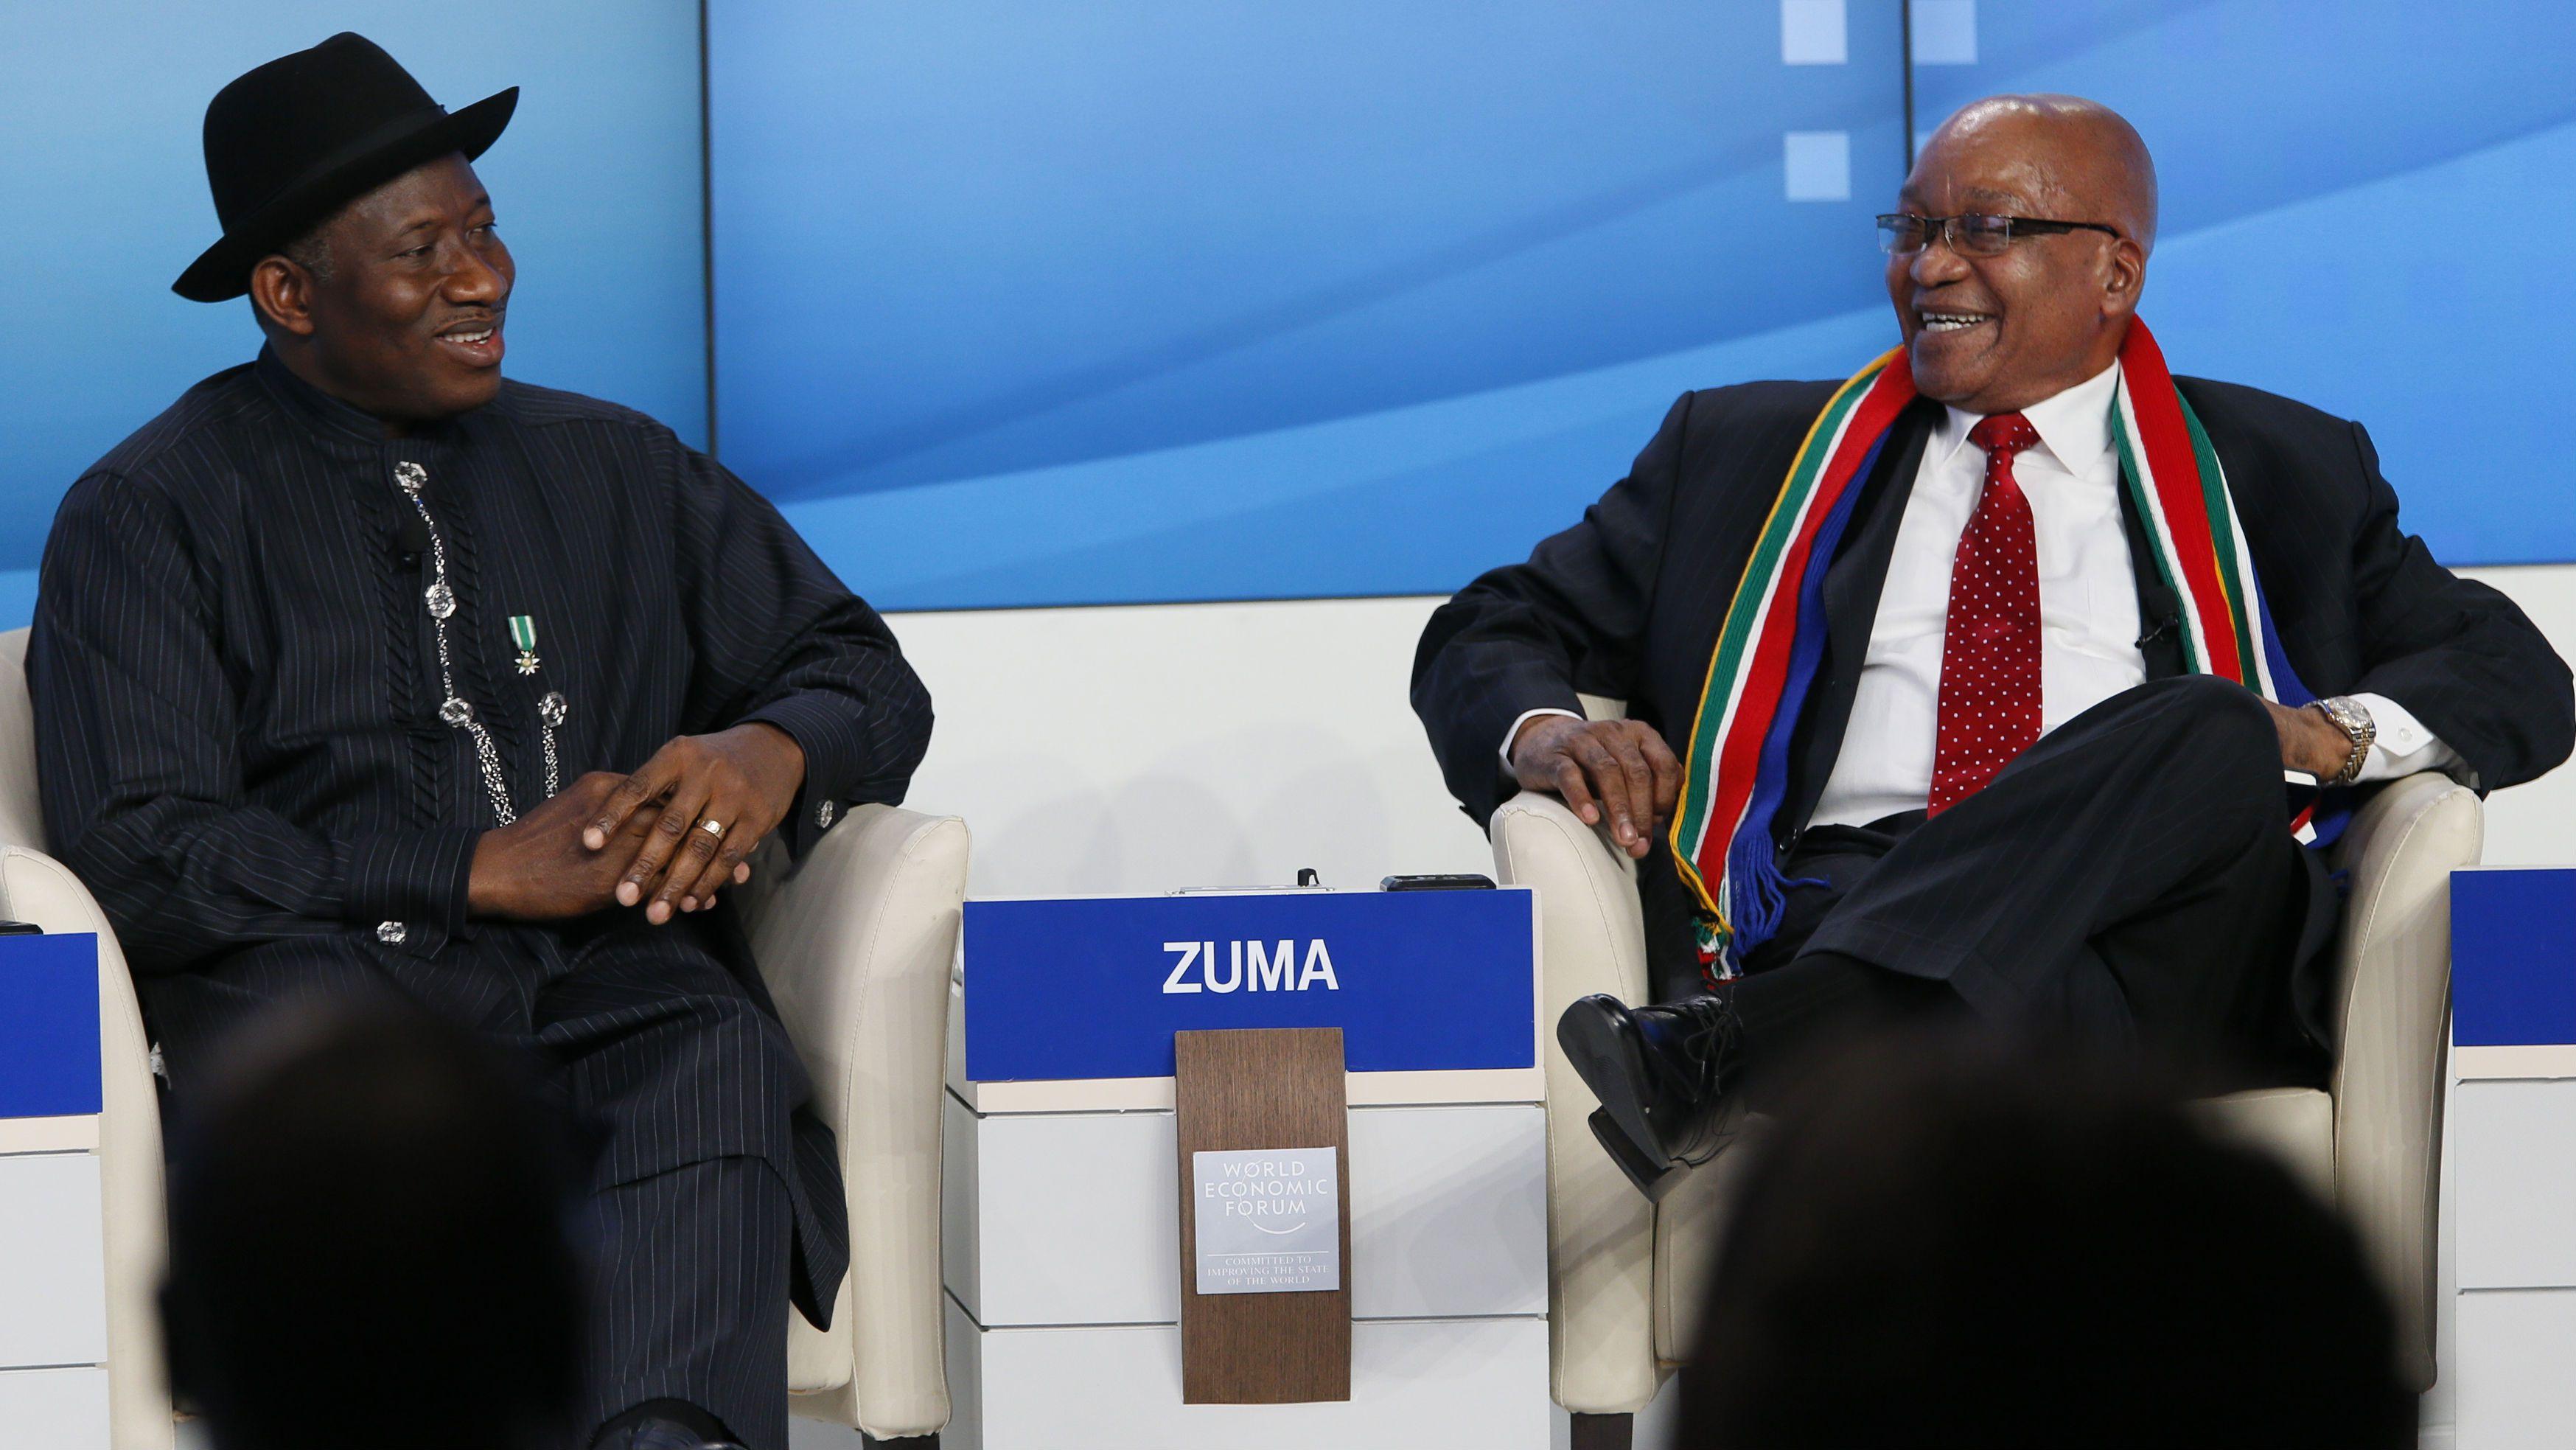 Zuma and Jonathan